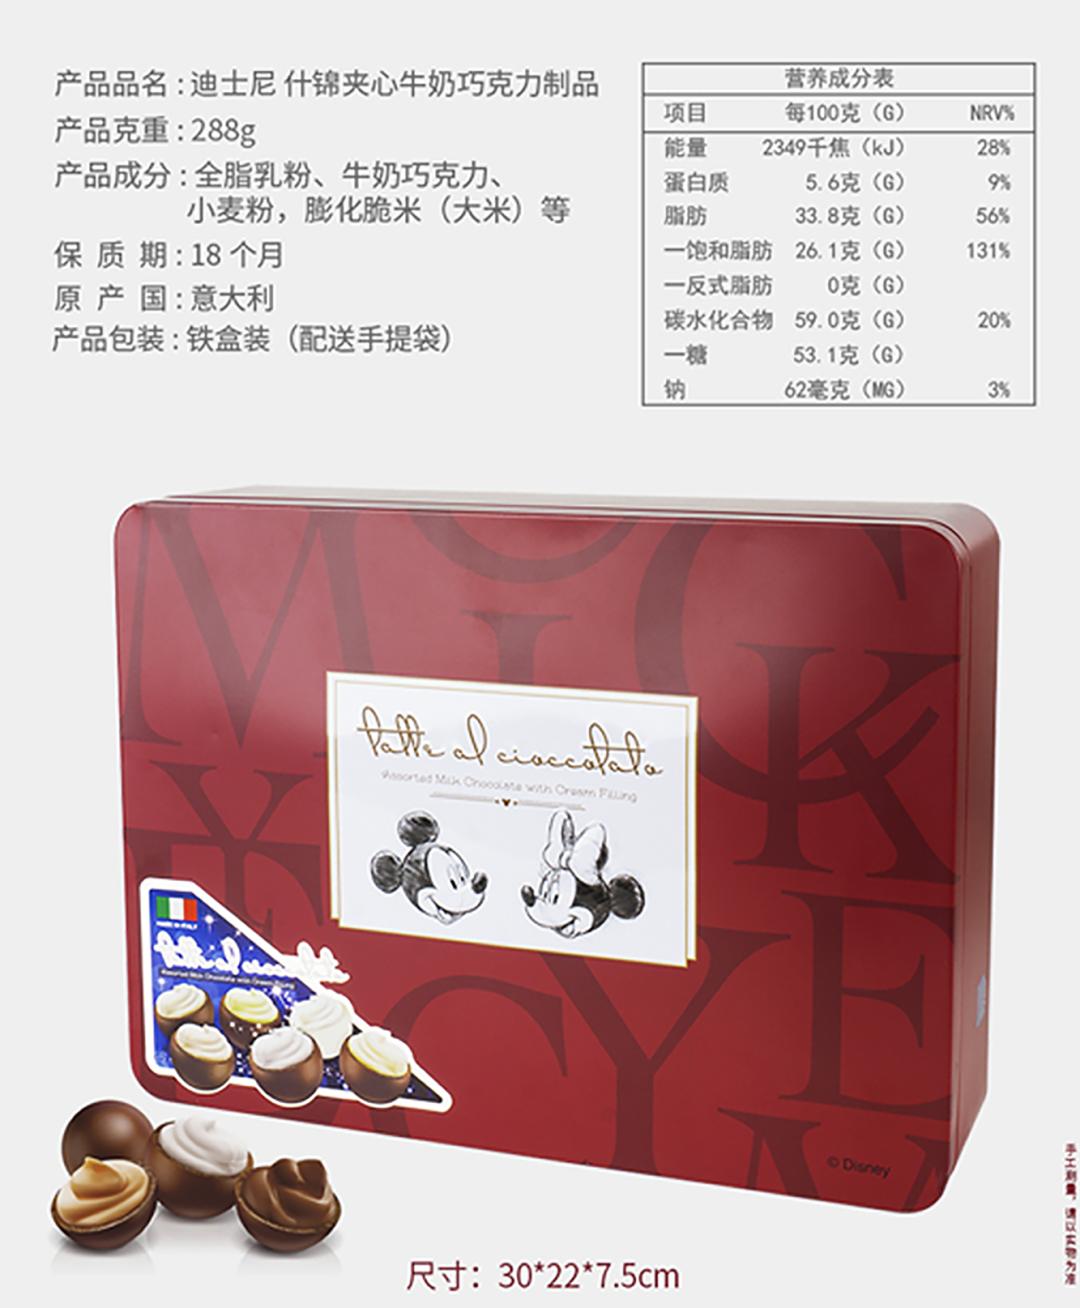 【迪士尼品牌来袭,正品保证|火遍全网的麦丽素巧克力礼盒你值得拥有!】仅39元=5桶抢购门市价128元迪士尼麦丽素套盒【Disney麦丽素巧克力礼盒】采用进口优质原料,丝滑香浓巧克力外壳,0反式脂肪酸,酥脆可口麦芽心,多种口味组合,休闲零食或伴手好礼任你挑选!